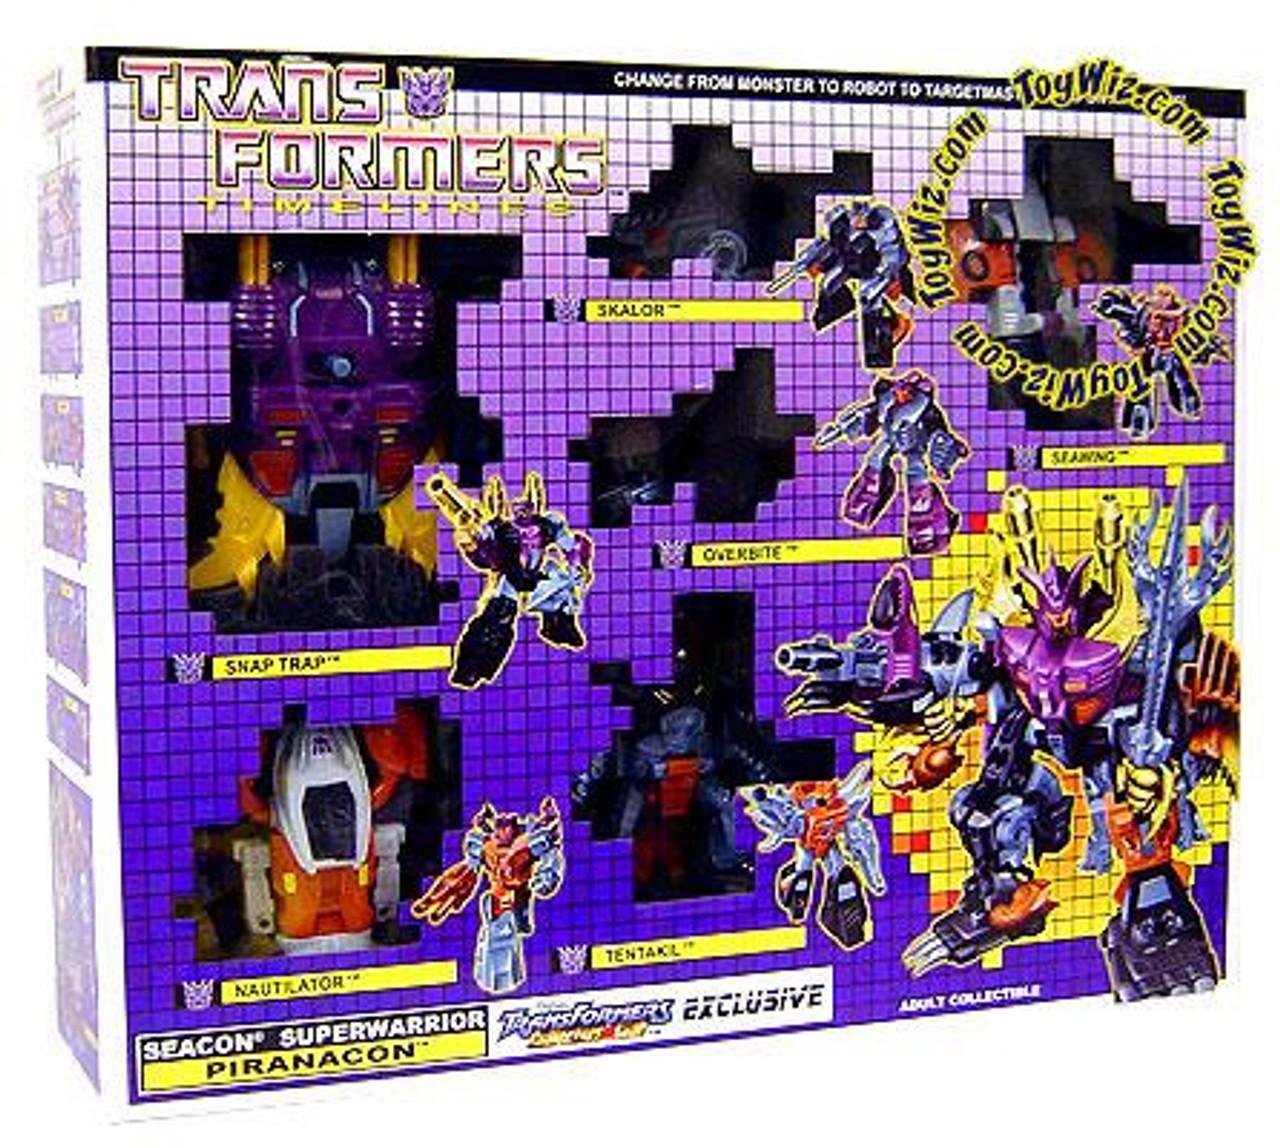 Transformers Timelines Collector's Club Exclusives Seacon Superwarrior Piranacon Exclusive Action Figure Set